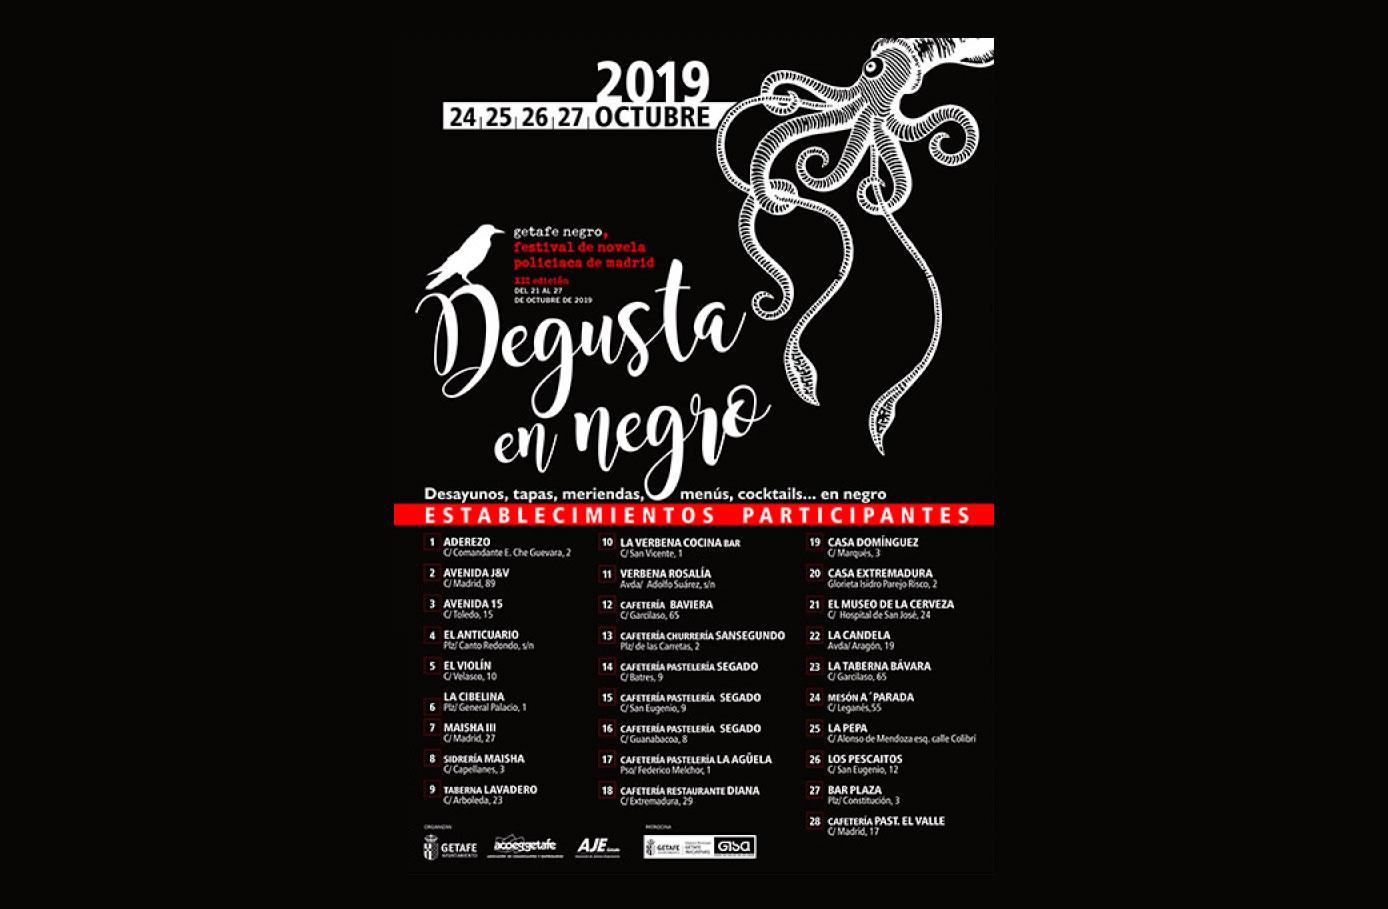 degusta-en-negro-2019